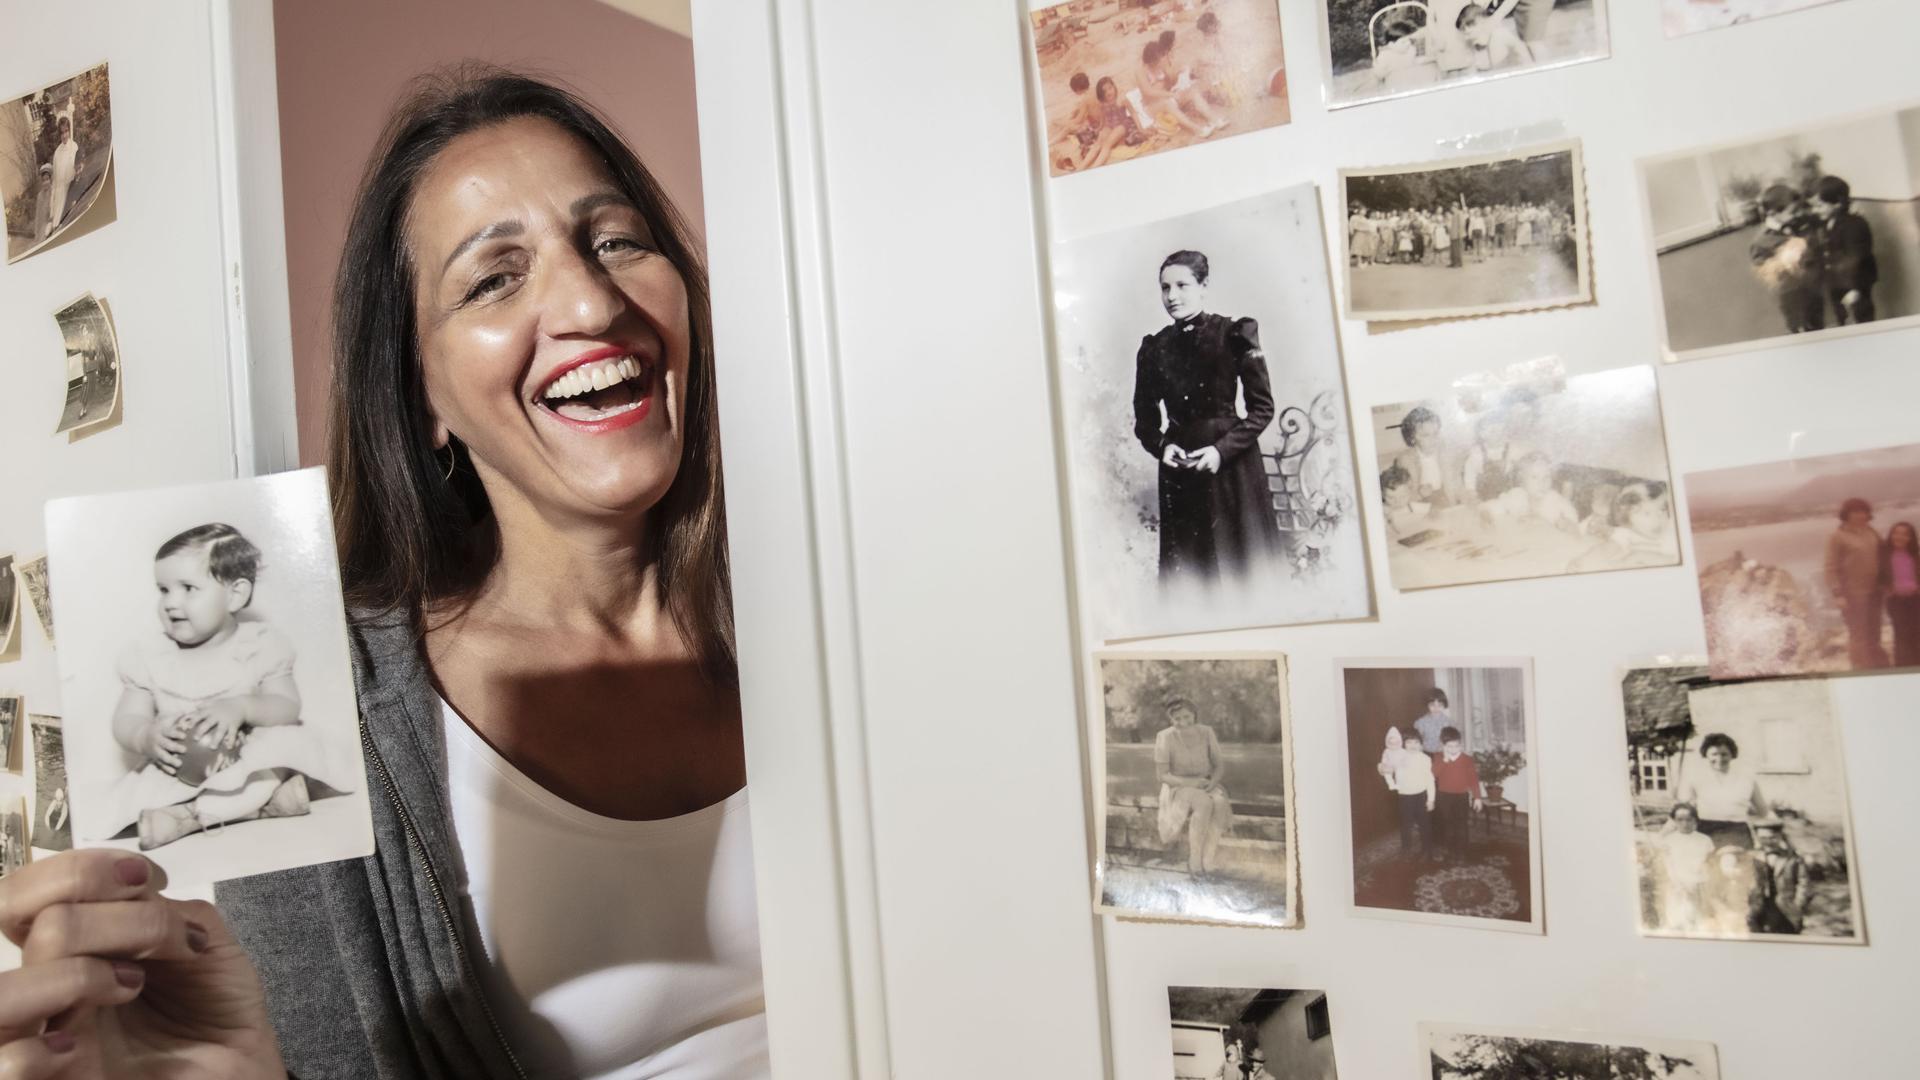 Auf der Spur ihrer Ahnen: Monica Nobis aus Karlsruhe wollte herausfinden, woher die dunklen Haare und der dunkle Teint stammen, die schon ihre Großmutter hatte. Die Recherche in örtlichen Kirchenbüchern brachte keine befriedigende Antwort. Also ließ die Karlsruher Unternehmerin ihre DNA analysieren.